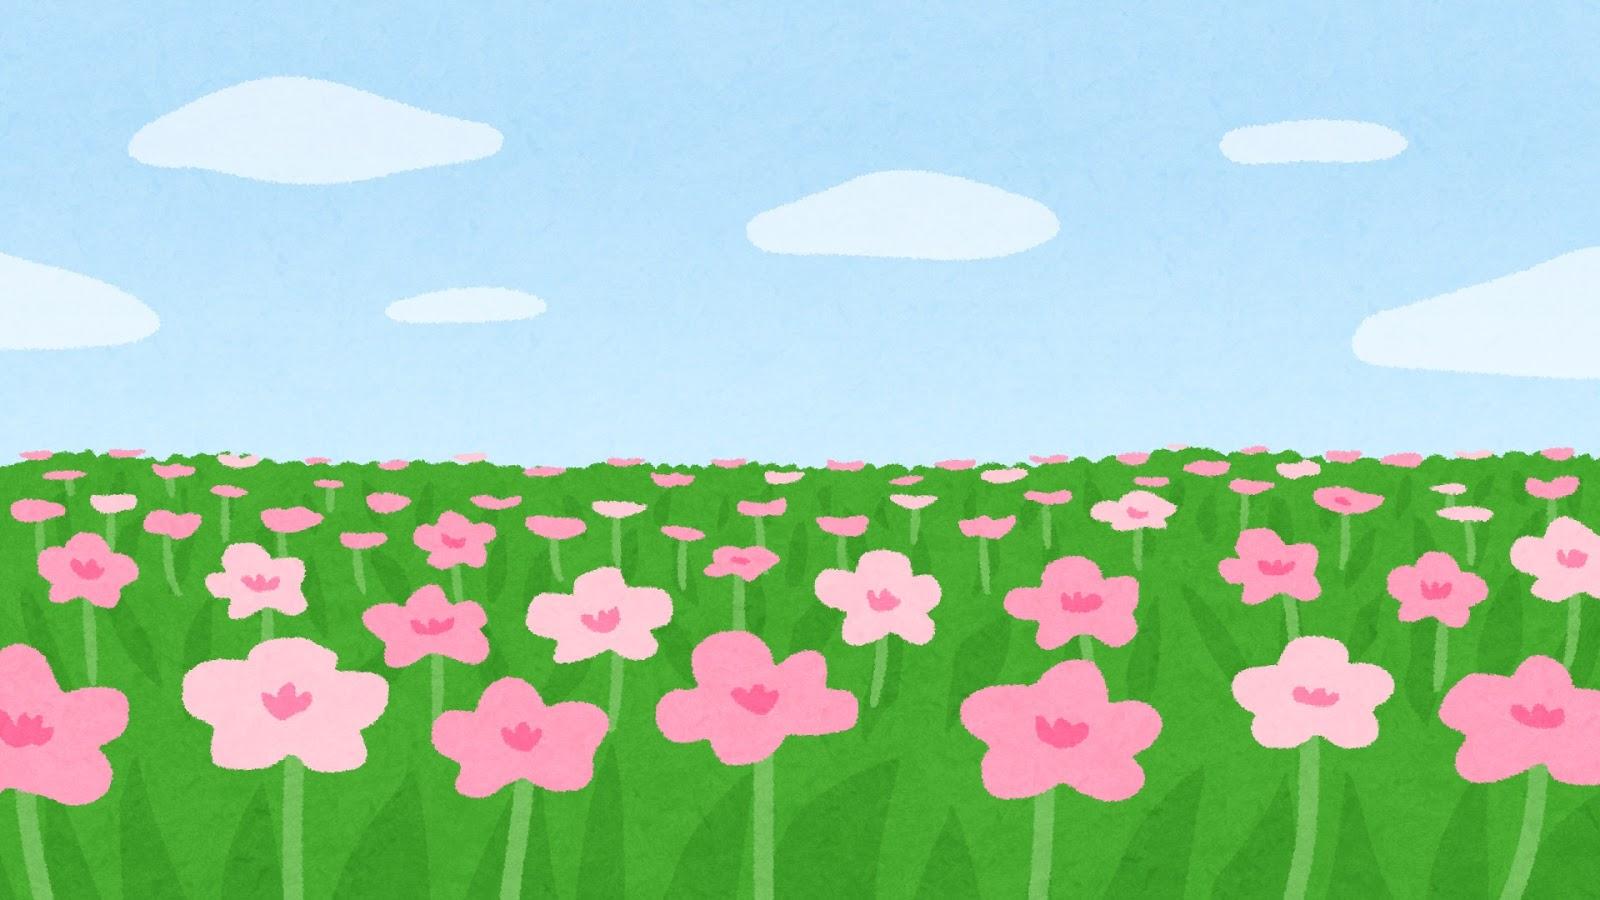 お花畑のイラスト(背景素材) | かわいいフリー素材集 いらすとや